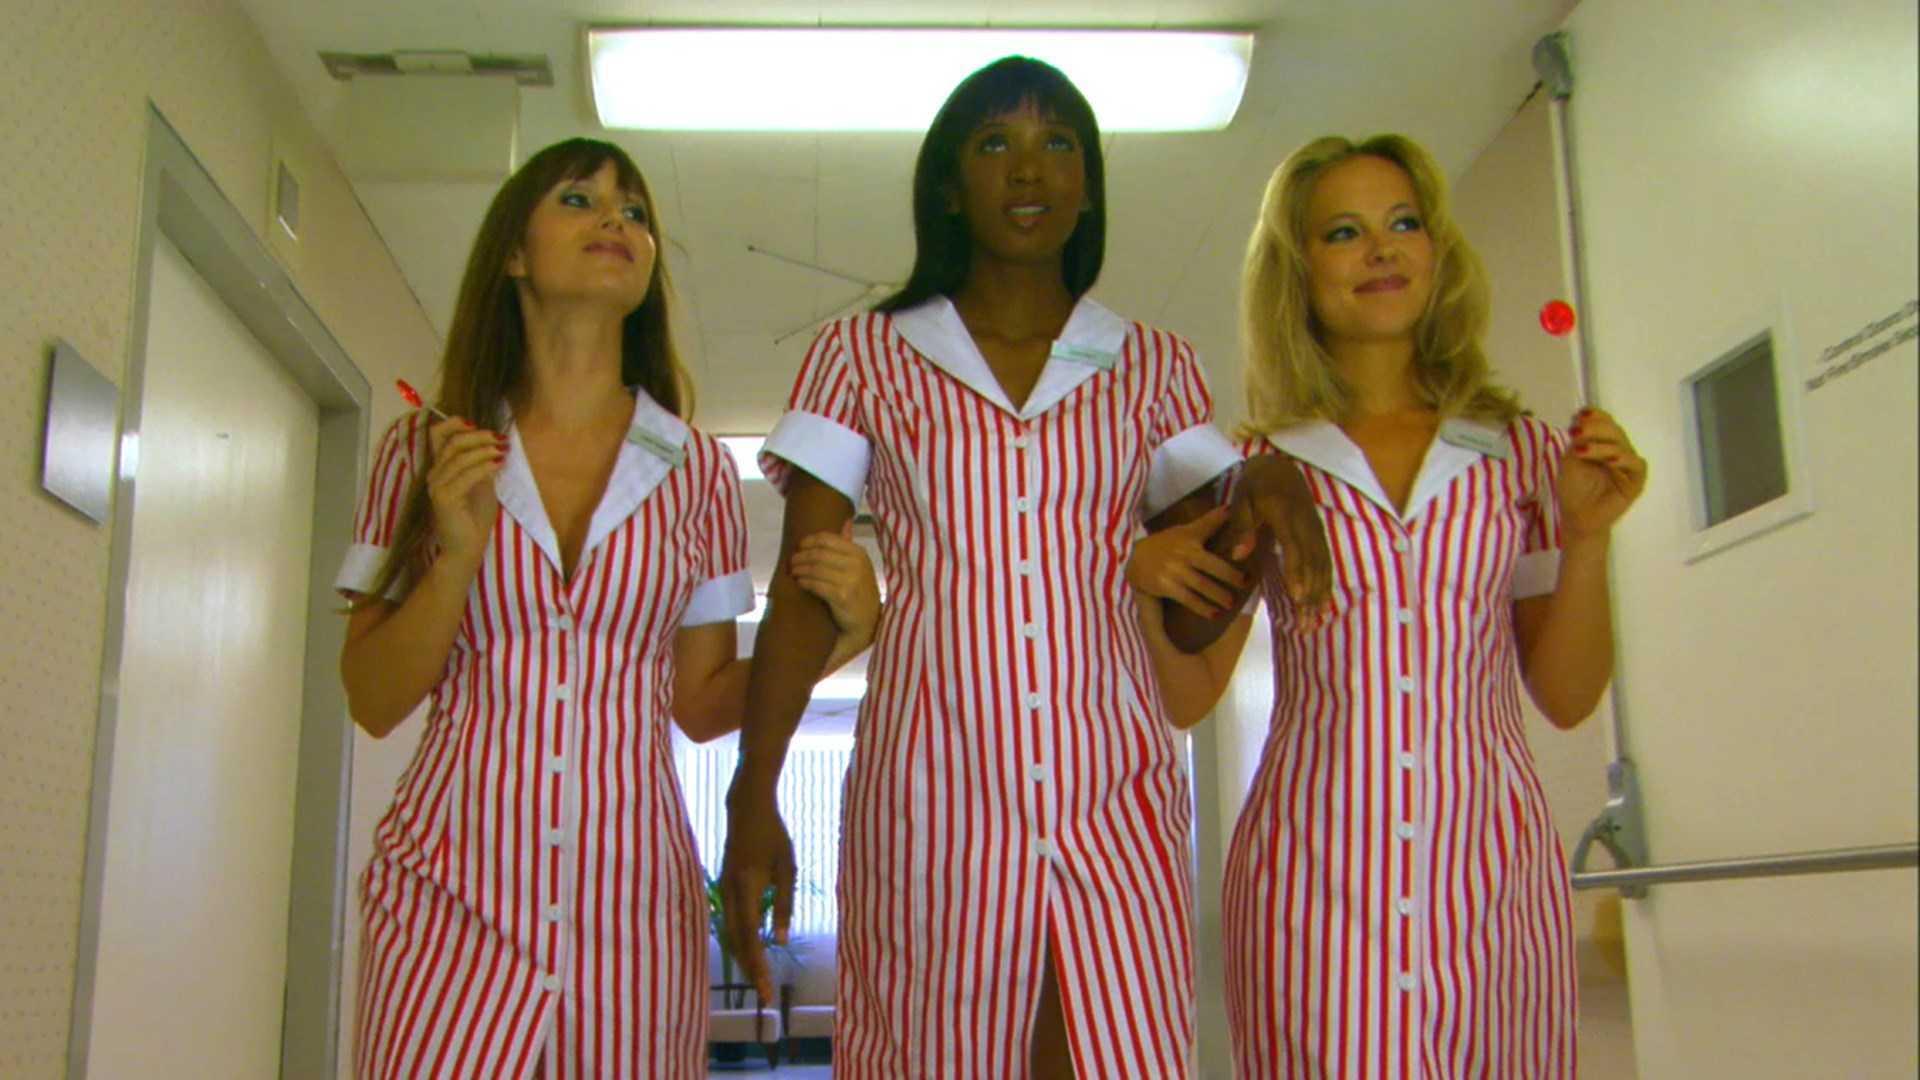 Deanna Brooks, Serria Twan and Nicole Rayburn in Candy Stripers (2006)